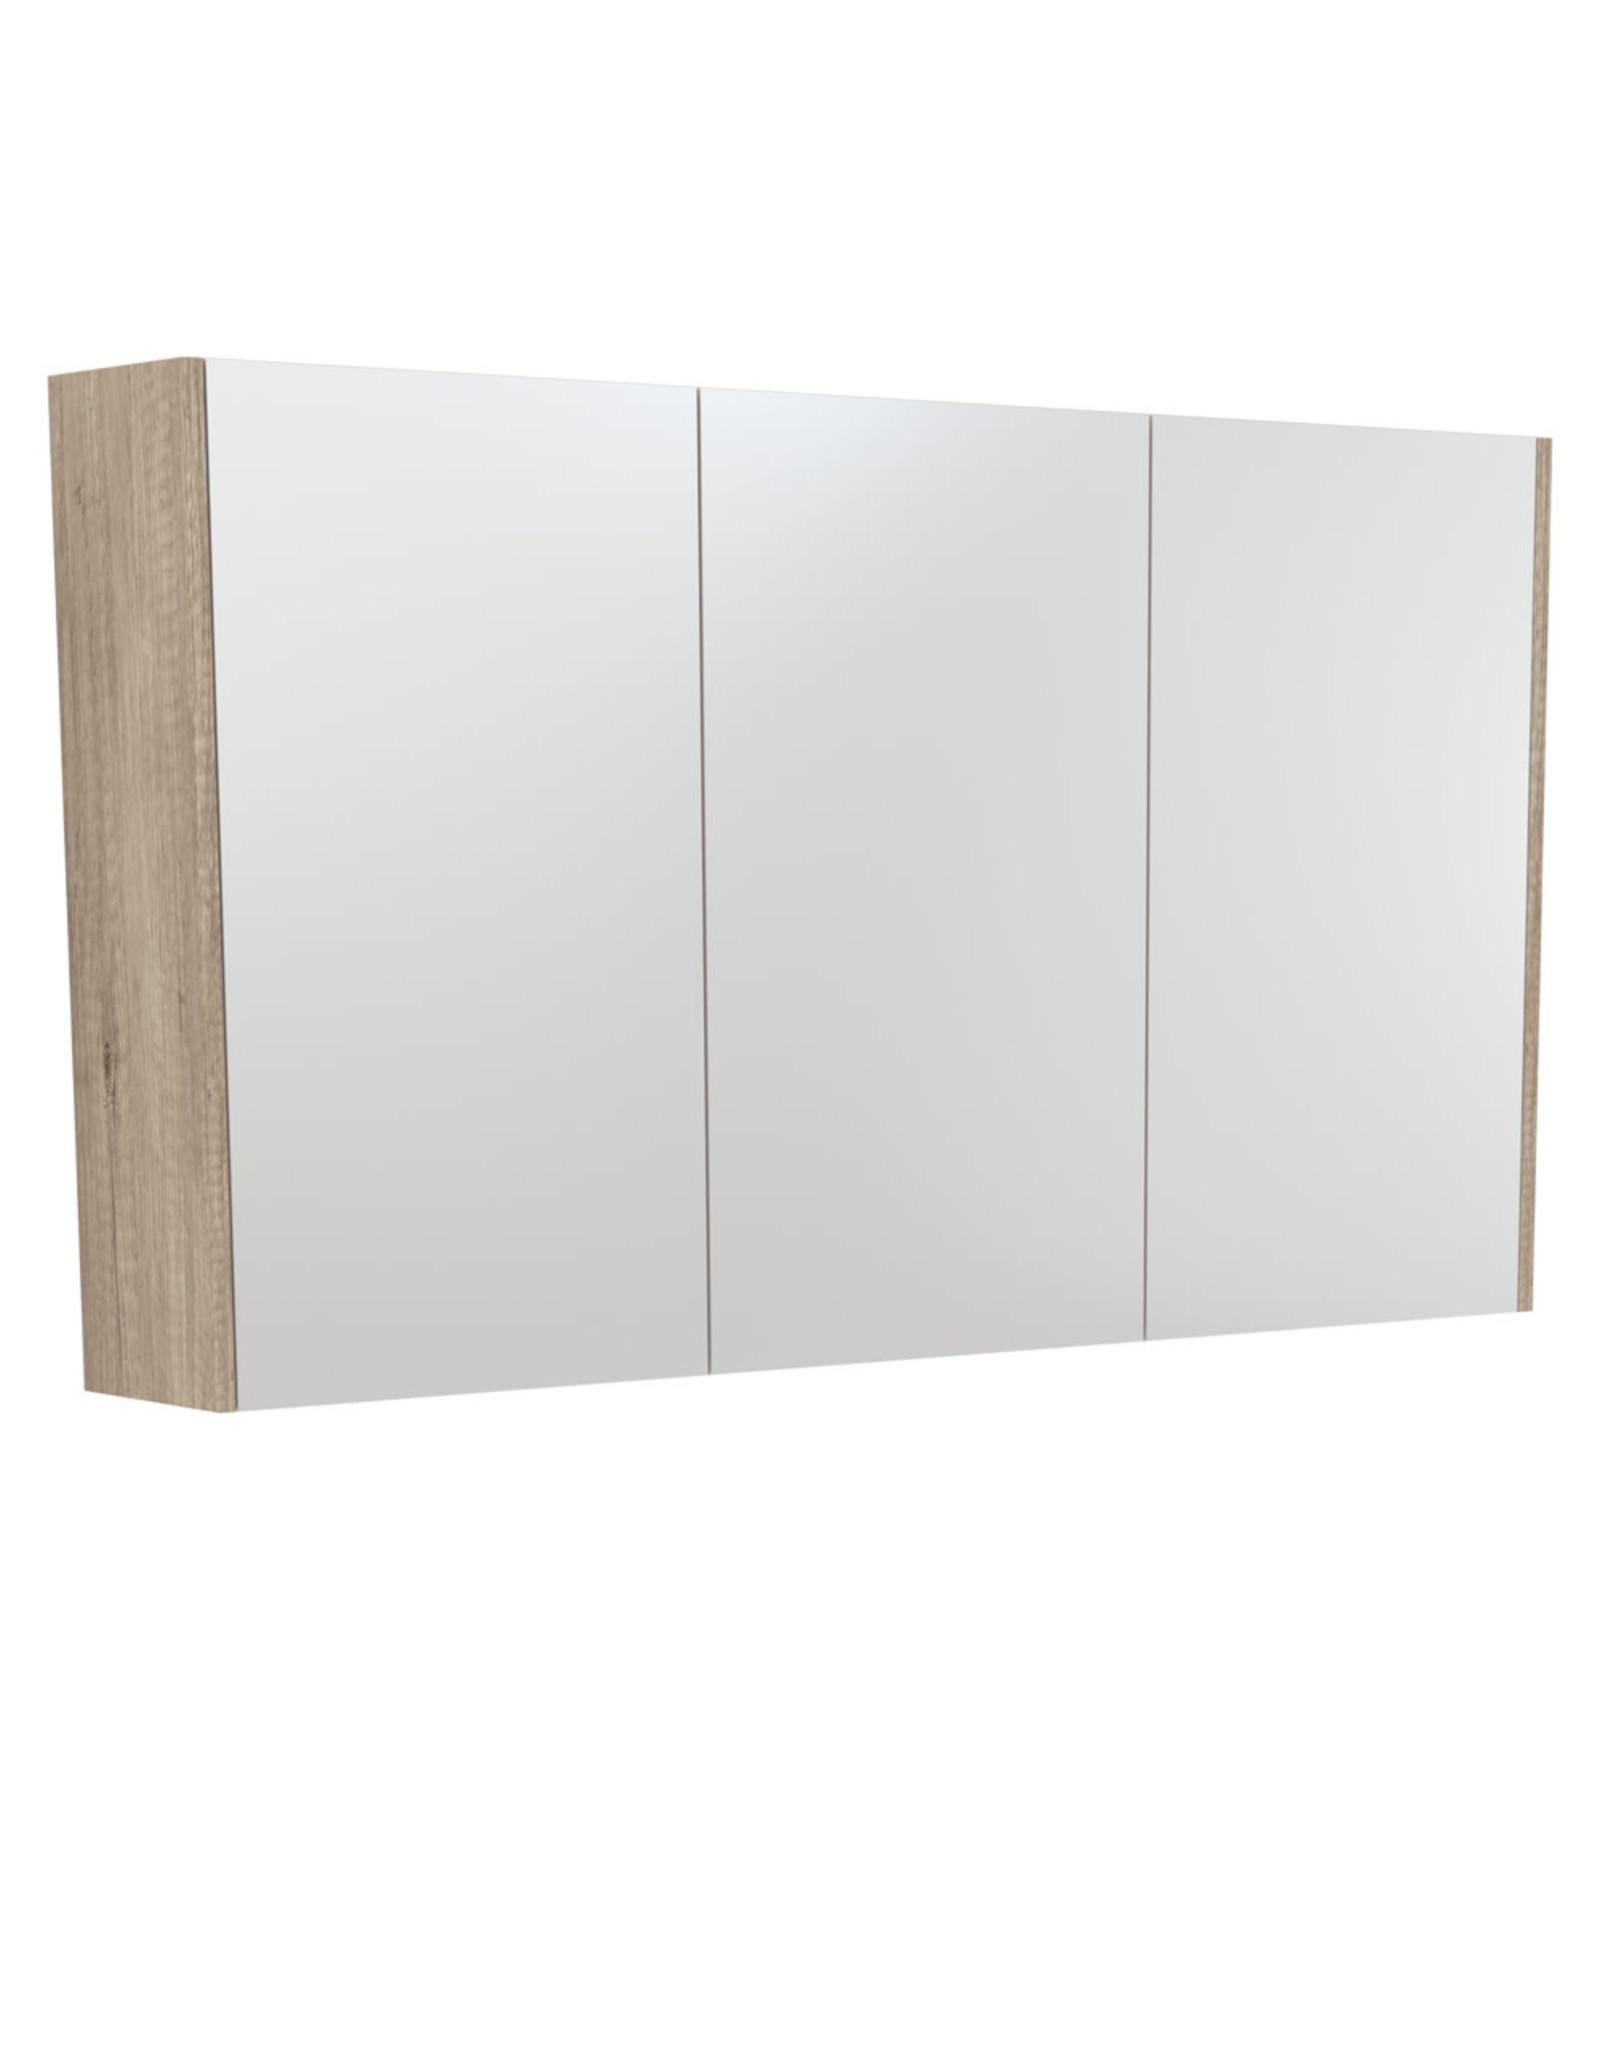 FIENZA 1200mm, FIENZA, Scandi Oak Mirrored cabinet with side panels